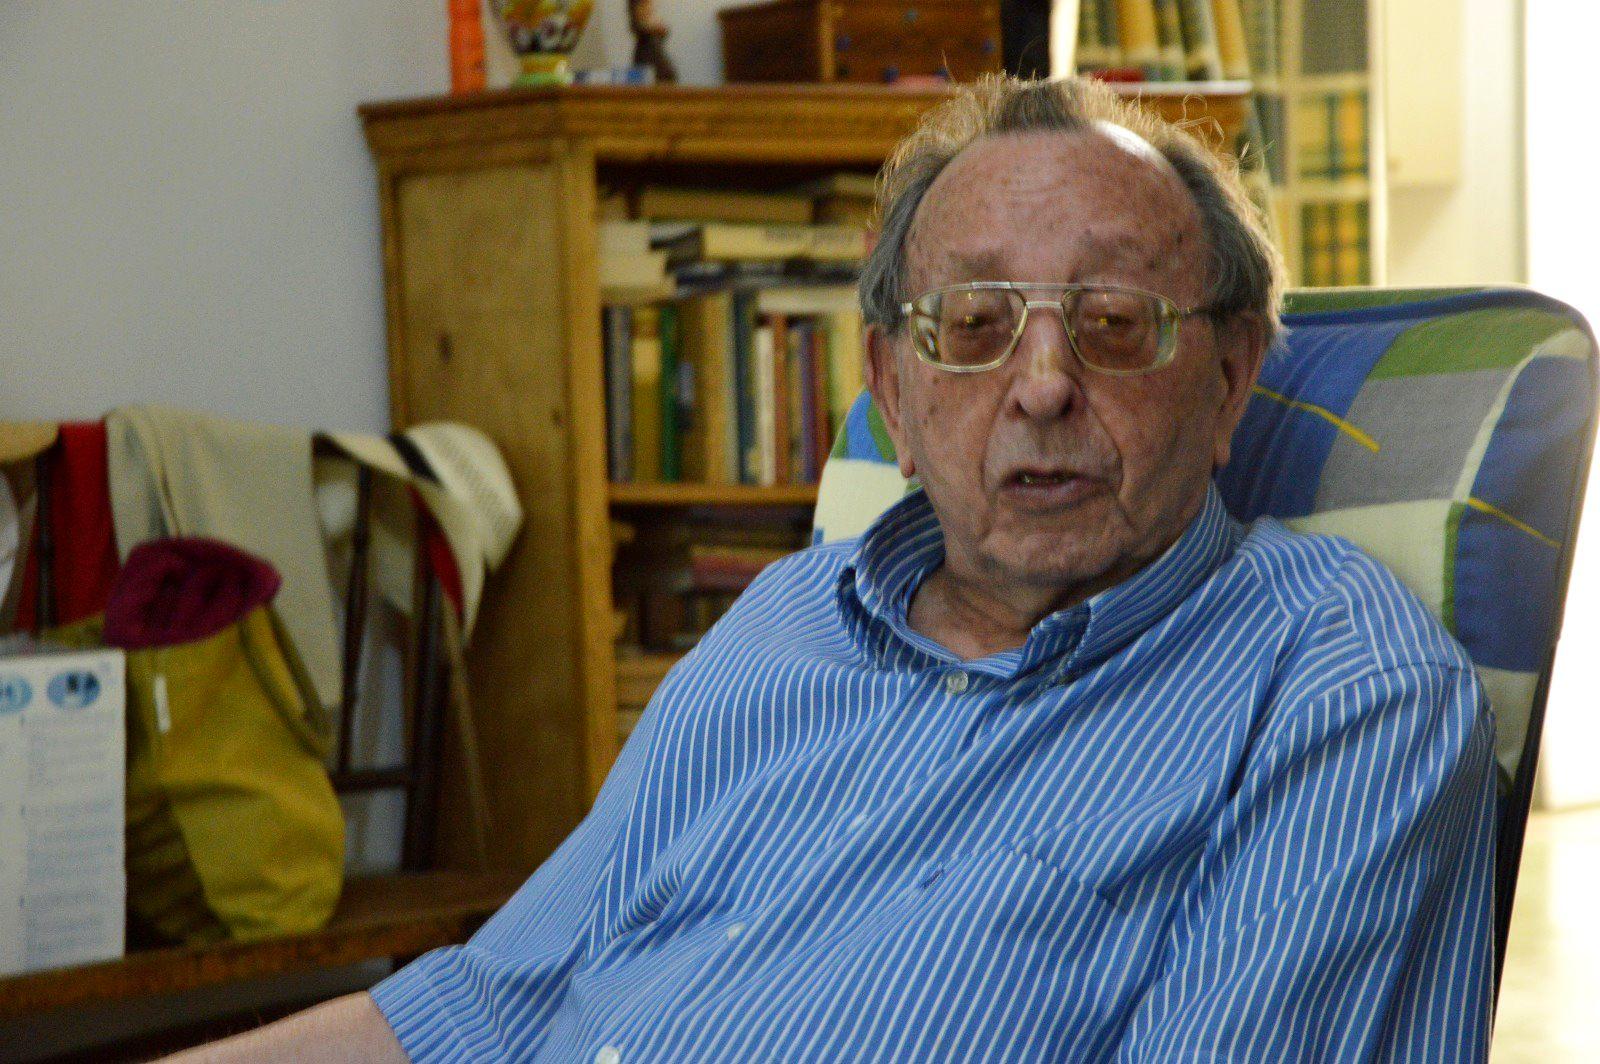 La noche de Jesualdo Sánchez Bustos, Medalla de Honor 2016 en Daimiel